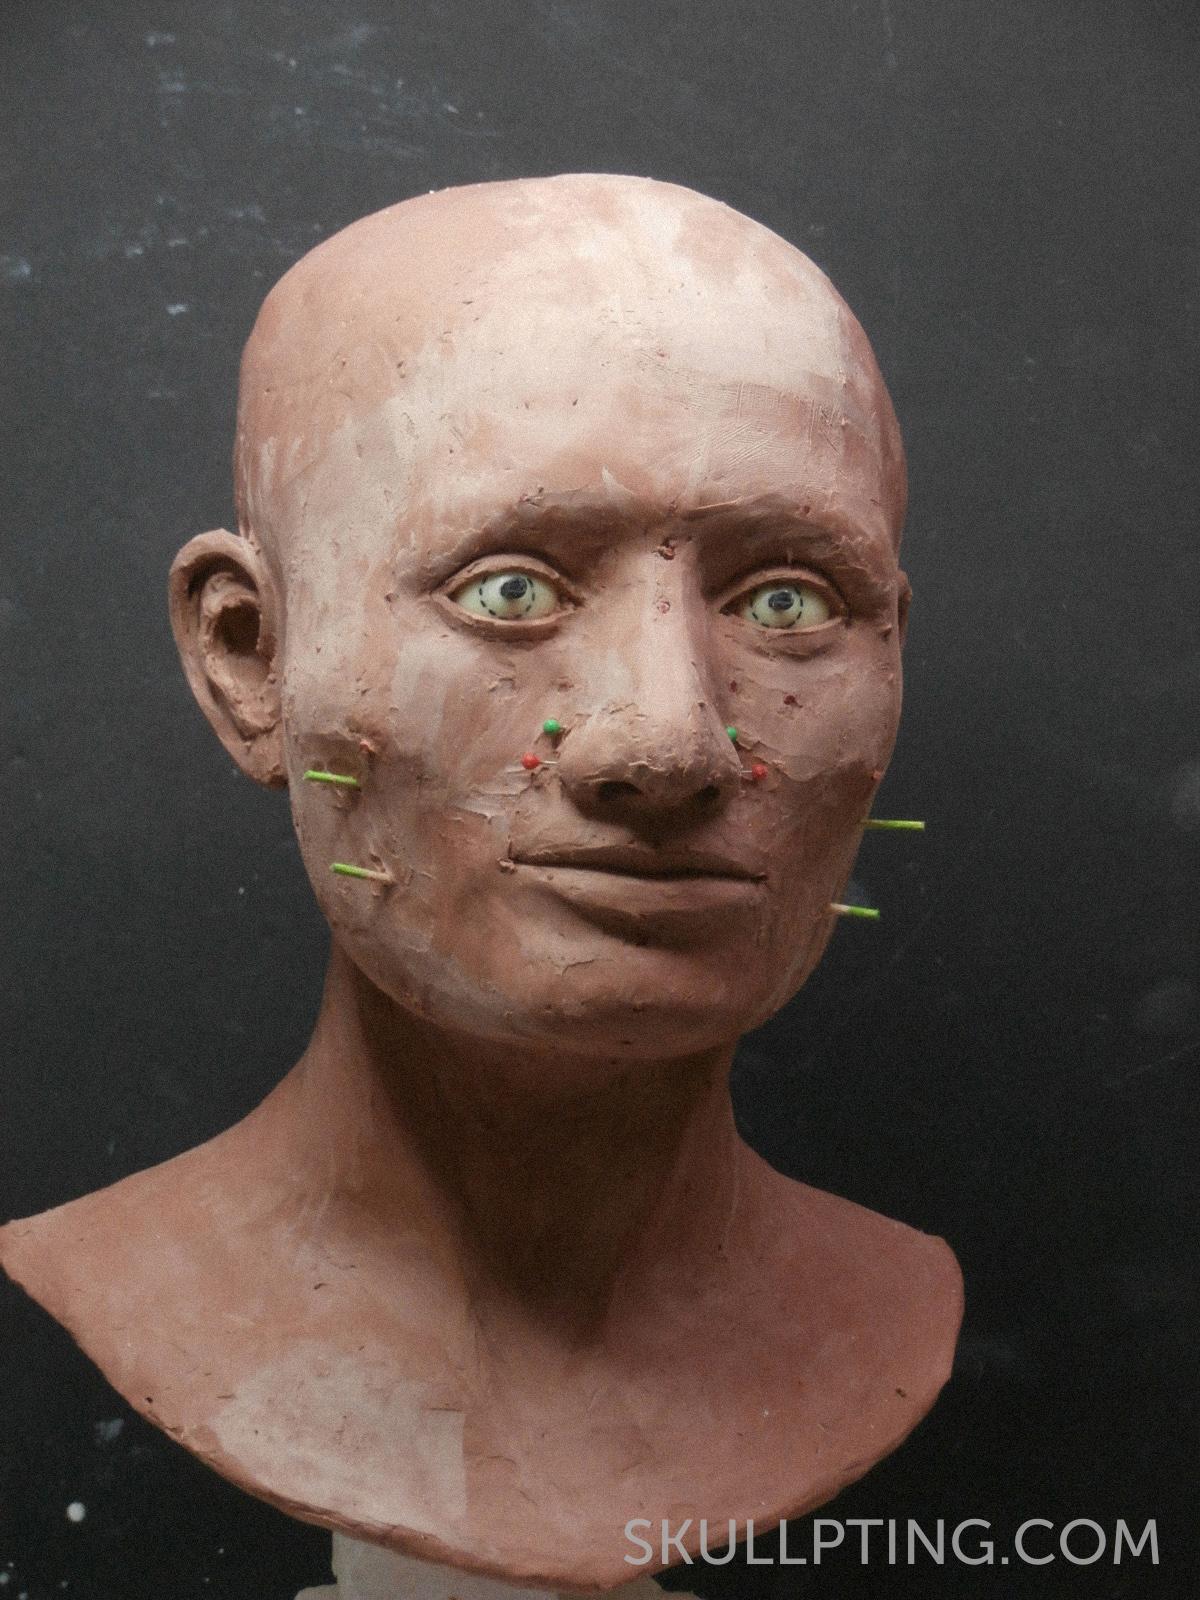 05-bronstijdmeisje (4)